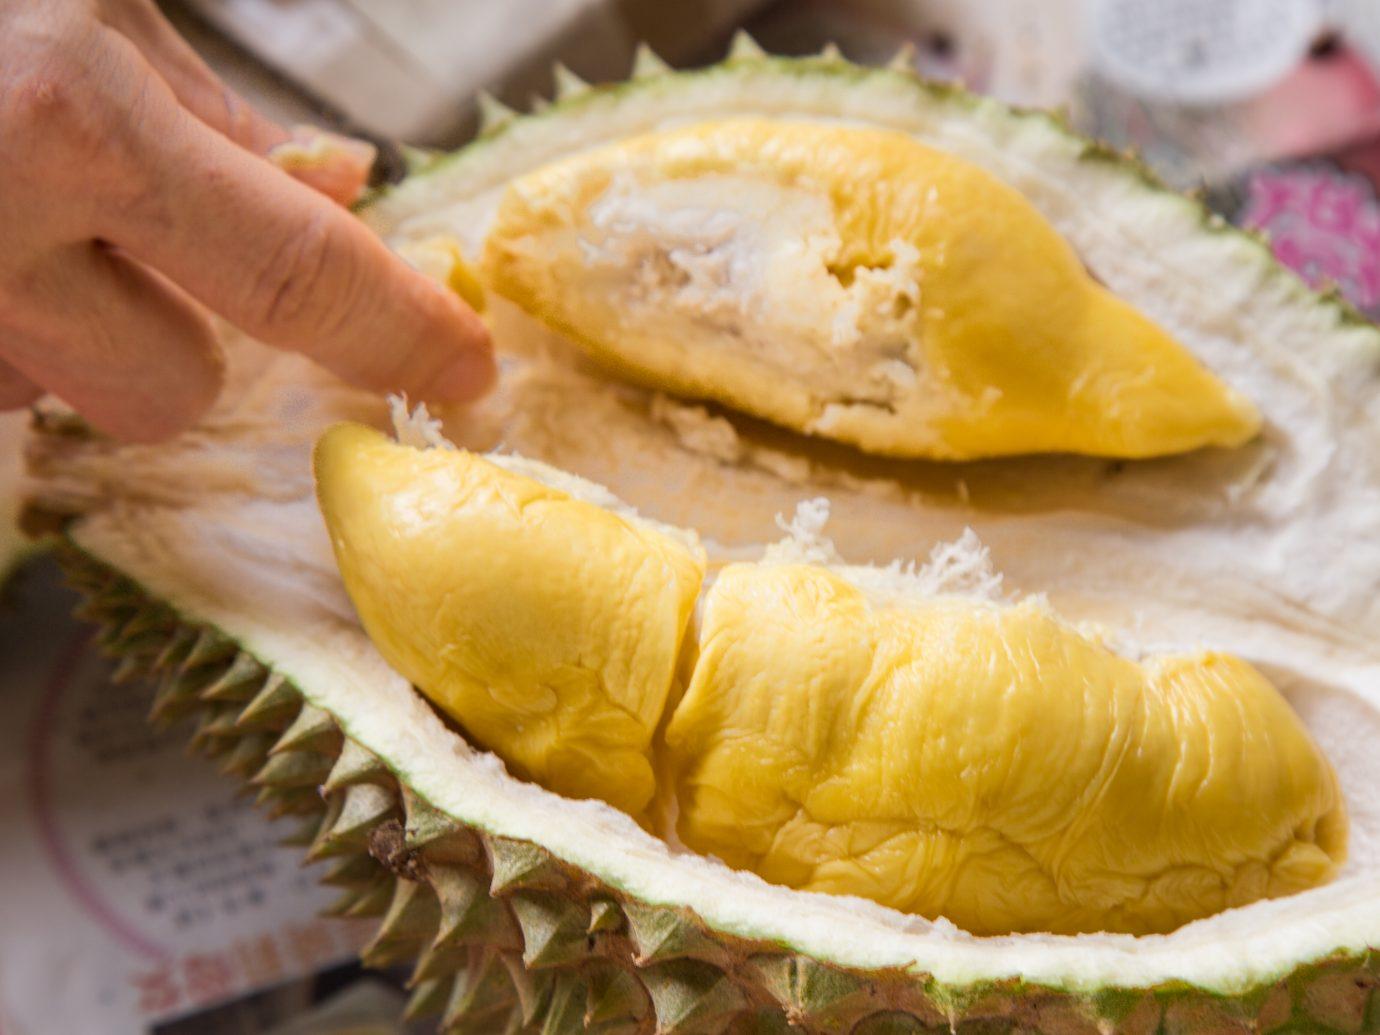 musang king durian fruit